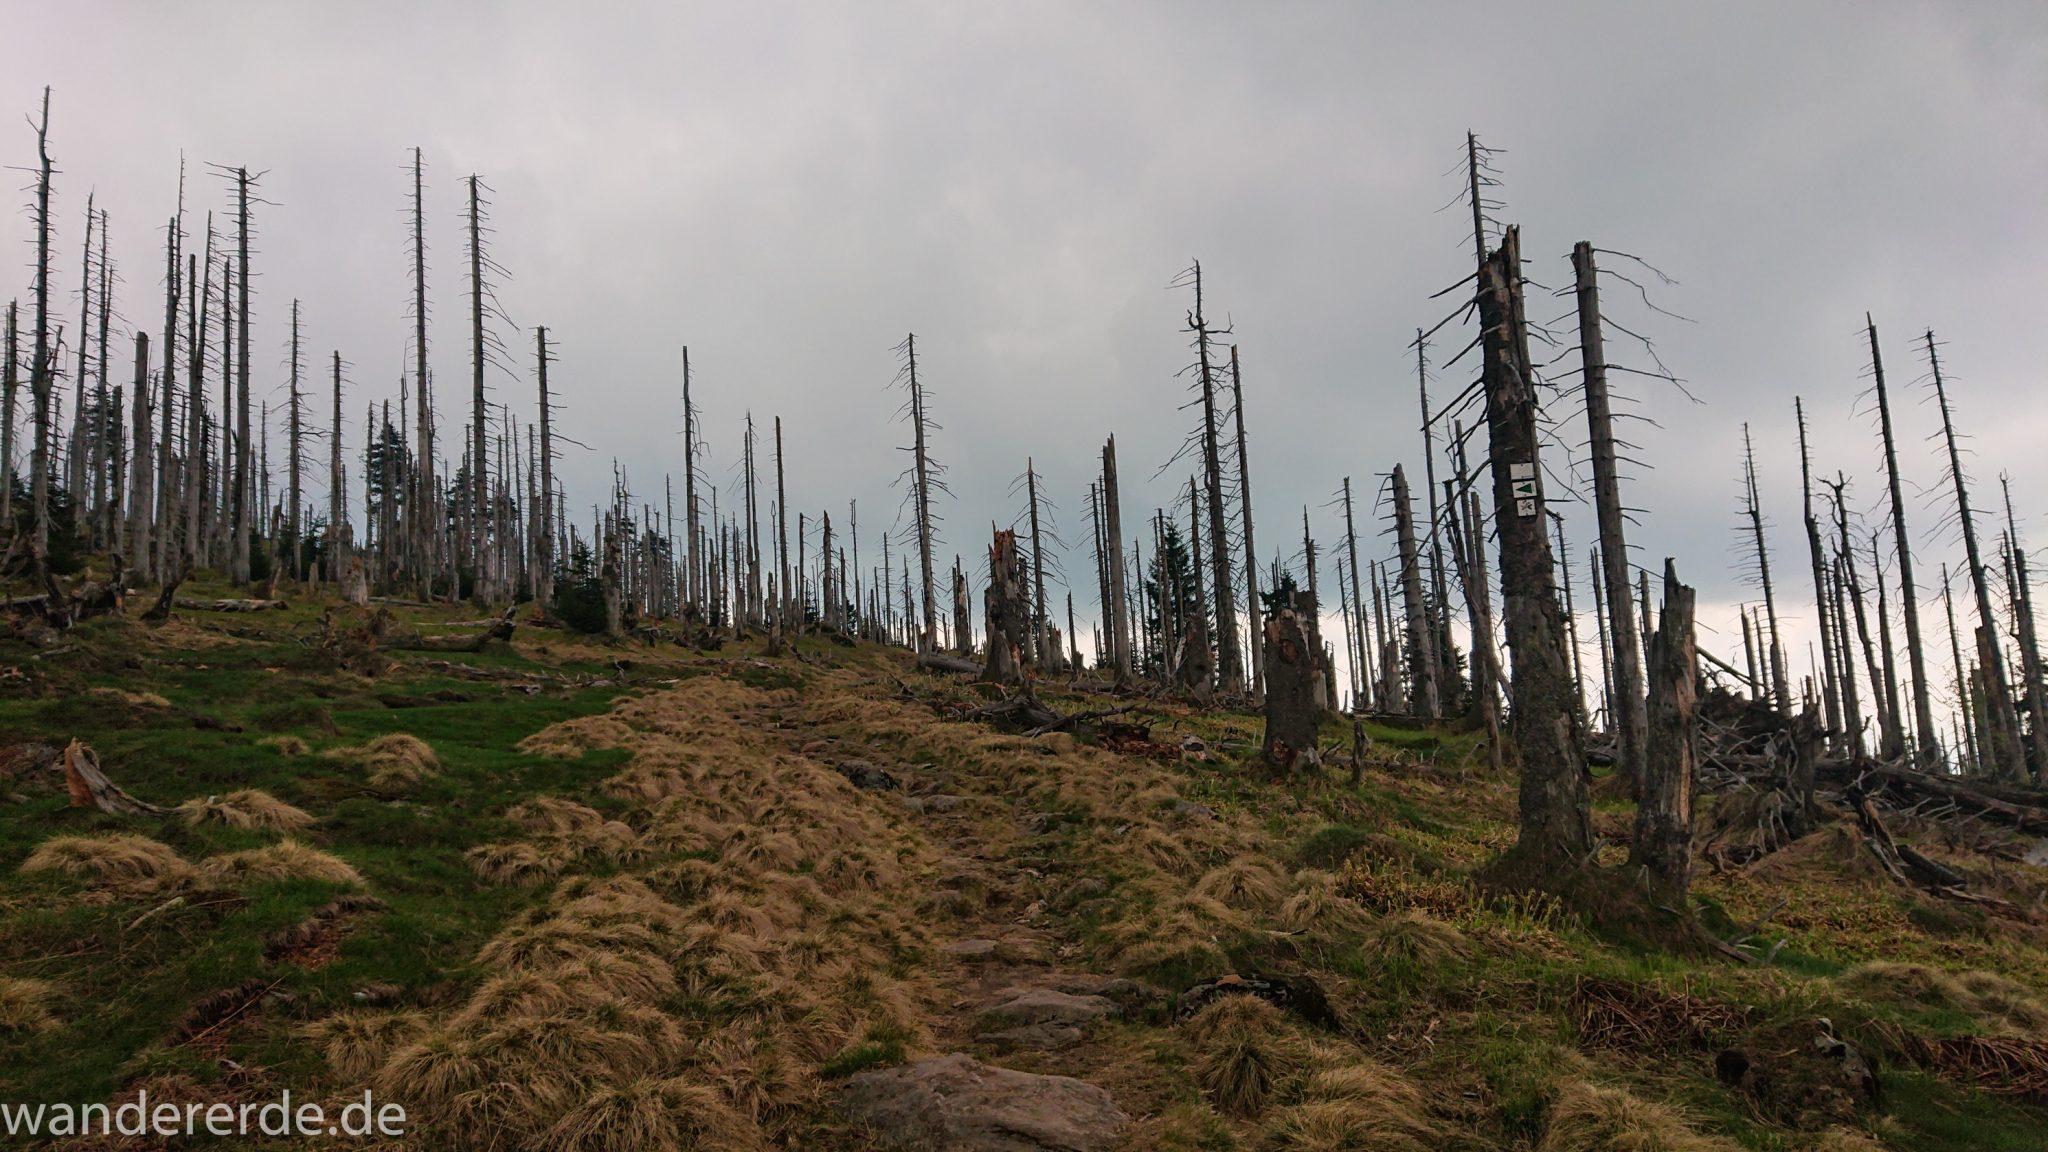 Wanderung Großer Rachel im Nationalpark Bayerischer Wald, Start Parkplatz Oberfrauenau, abwechslungsreicher Wanderweg, auf schmalem Pfad über Stock und Stein, Zerstörung einiger Waldgebiete durch den Borkenkäfer, umgefallene Bäume werden liegen gelassen im Nationalpark, Natur wird sich selbst überlassen, Wegmarkierung auf den Berg Großer Rachel mit grünem Dreieck